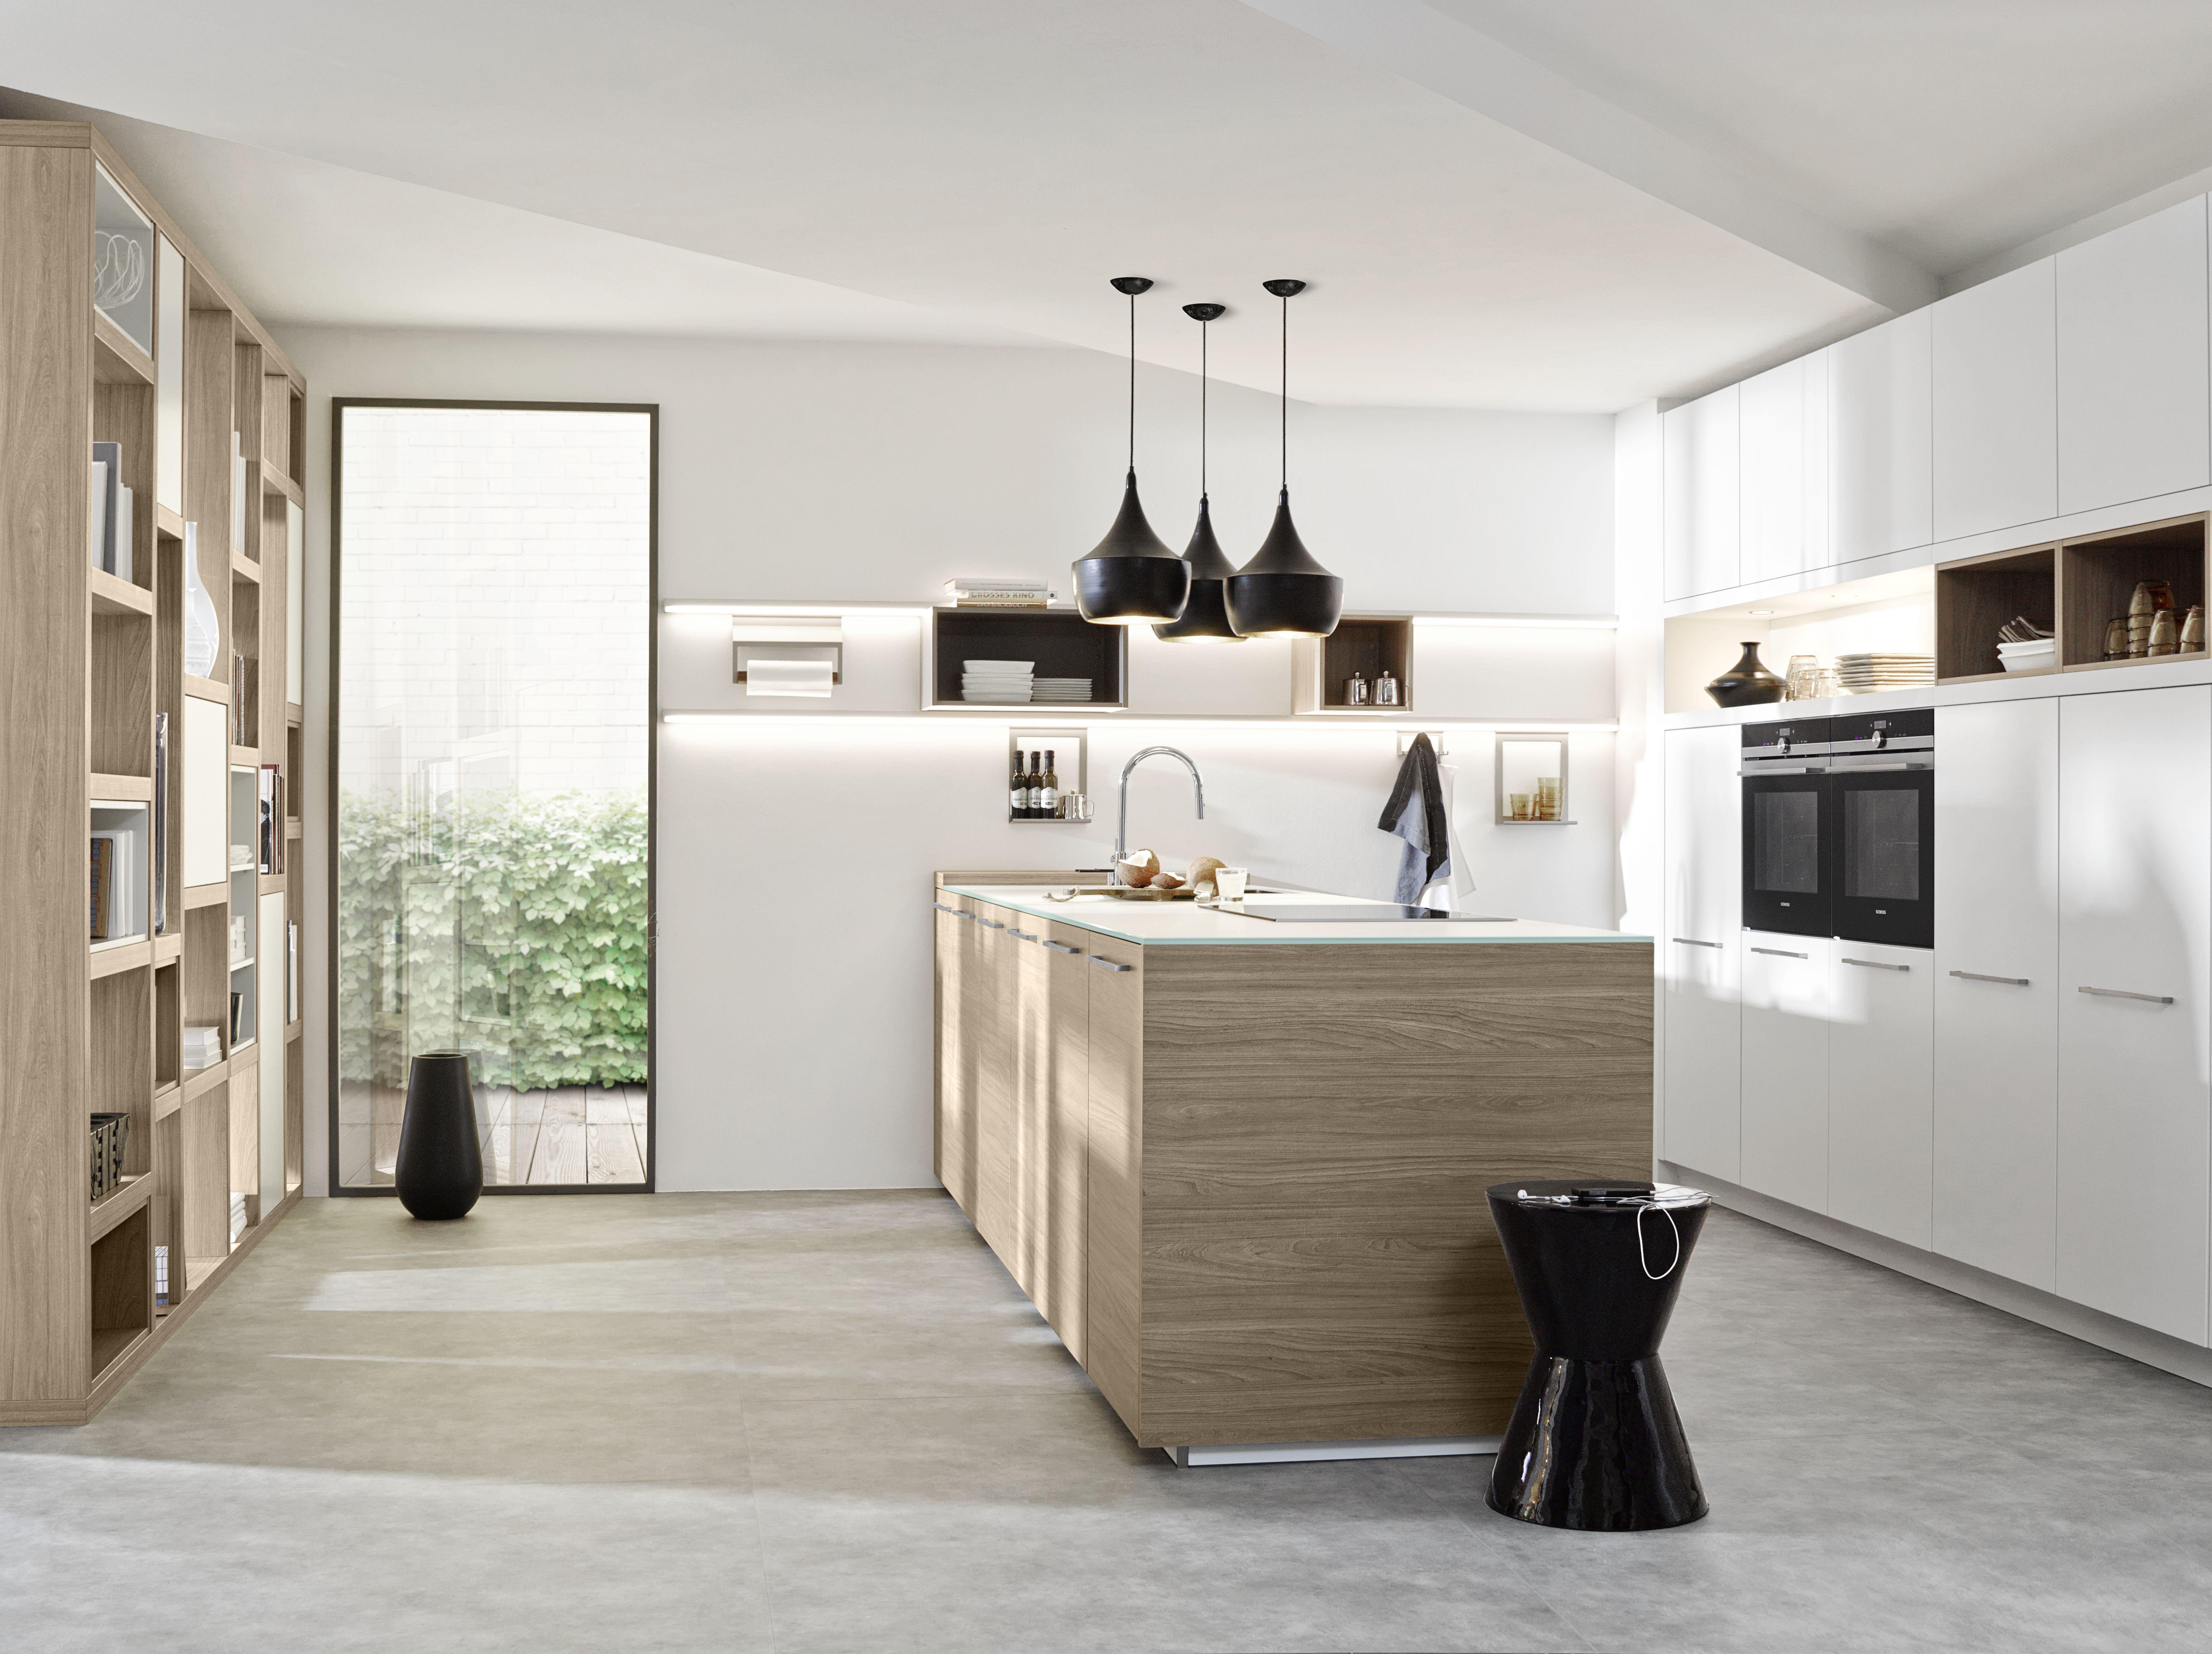 Al al alno kitchen cabinets chicago - Explore Kitchen Designs And More